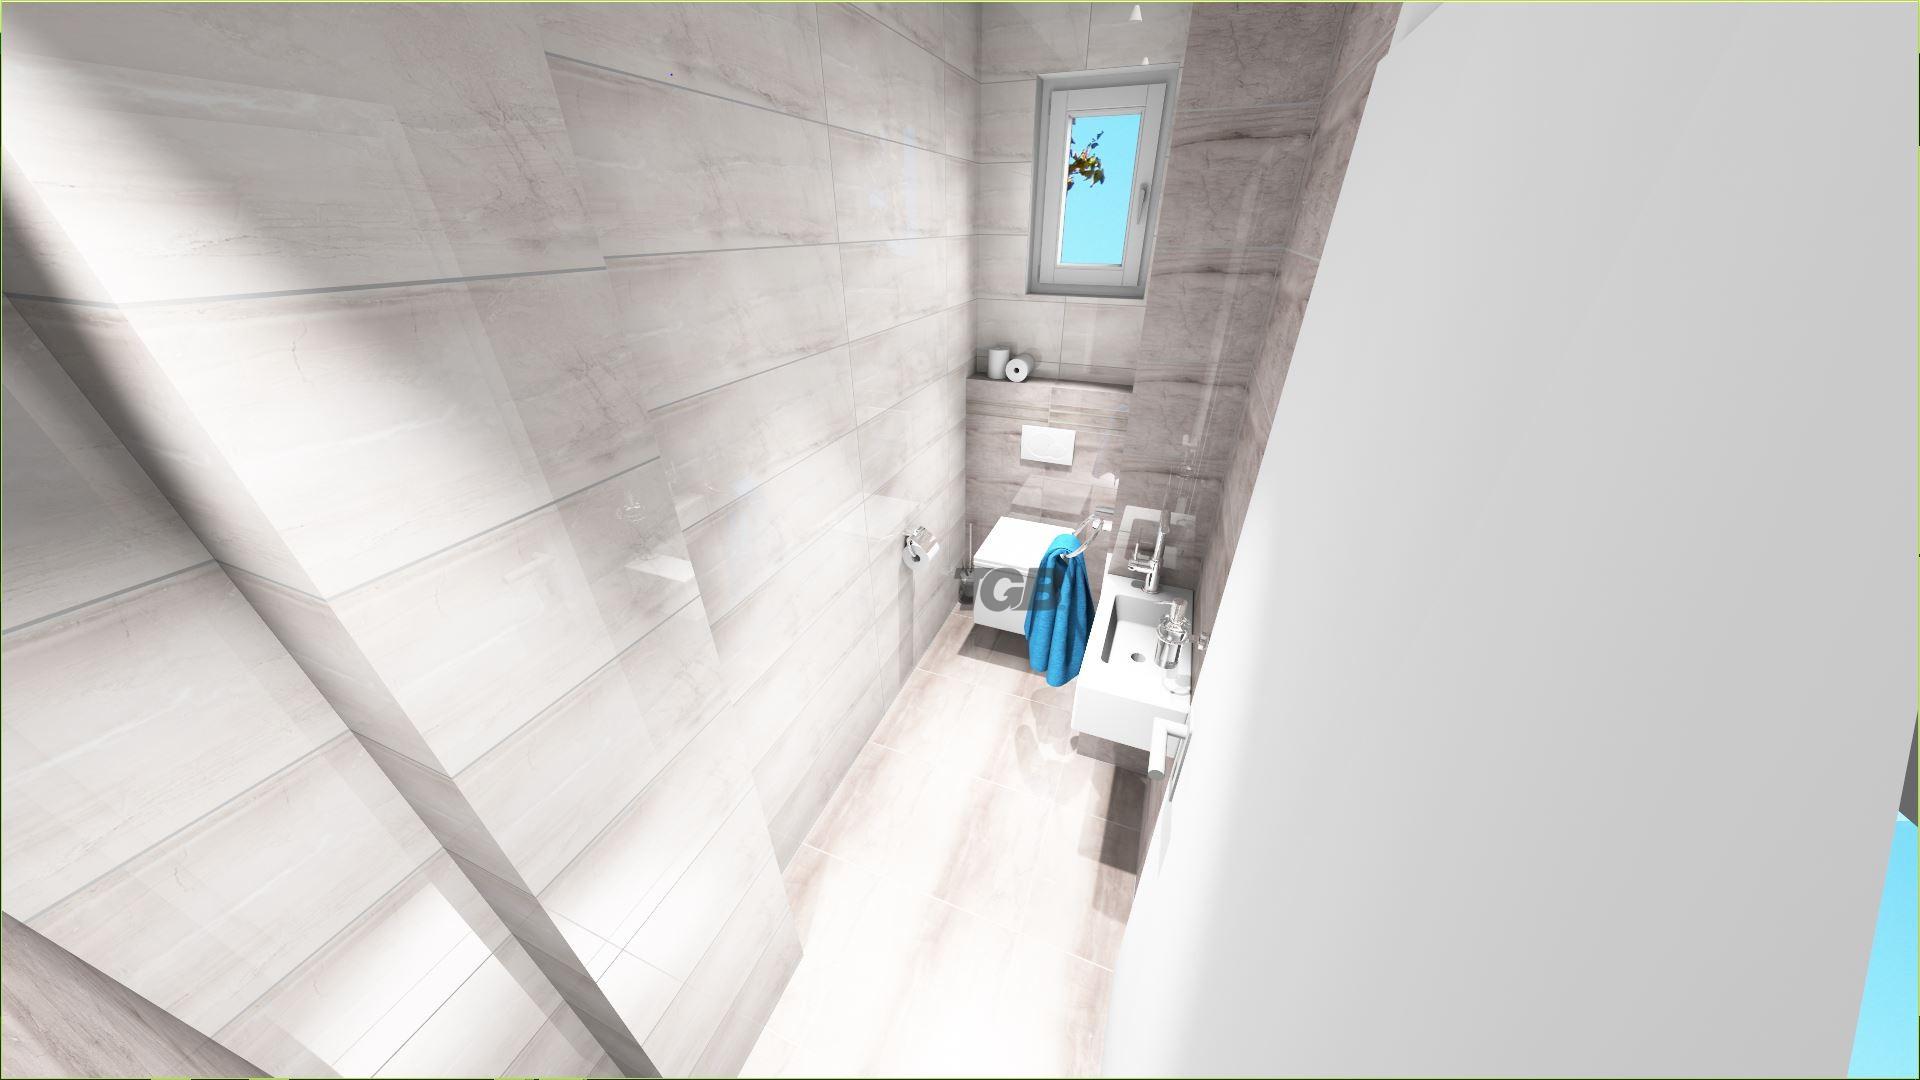 Ceramica colour terra wc 1 tgb - Wc c olour grijze ...